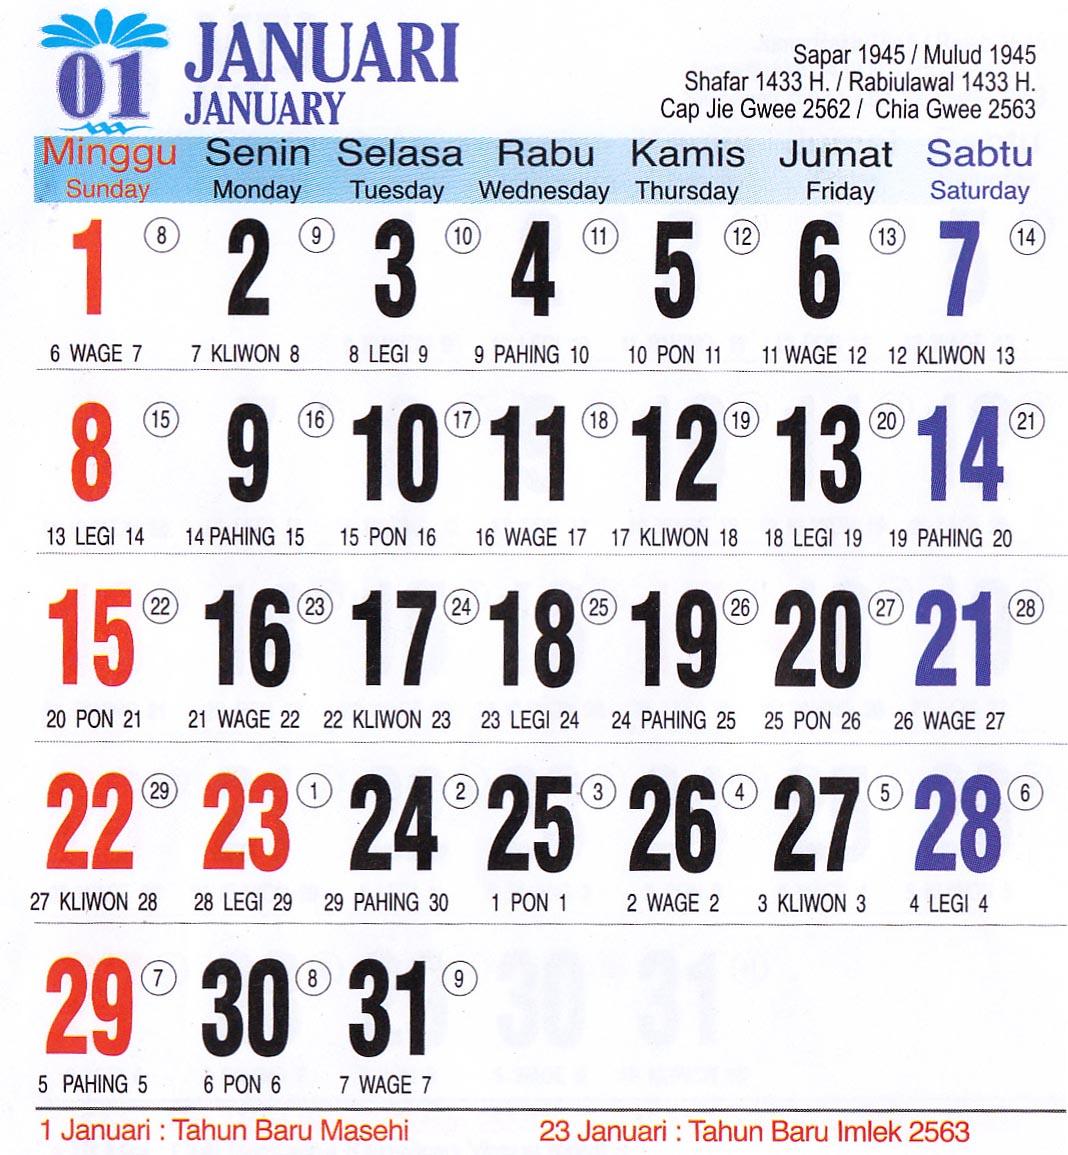 Hari Dan Pasaran Menurut Kalender Jawa